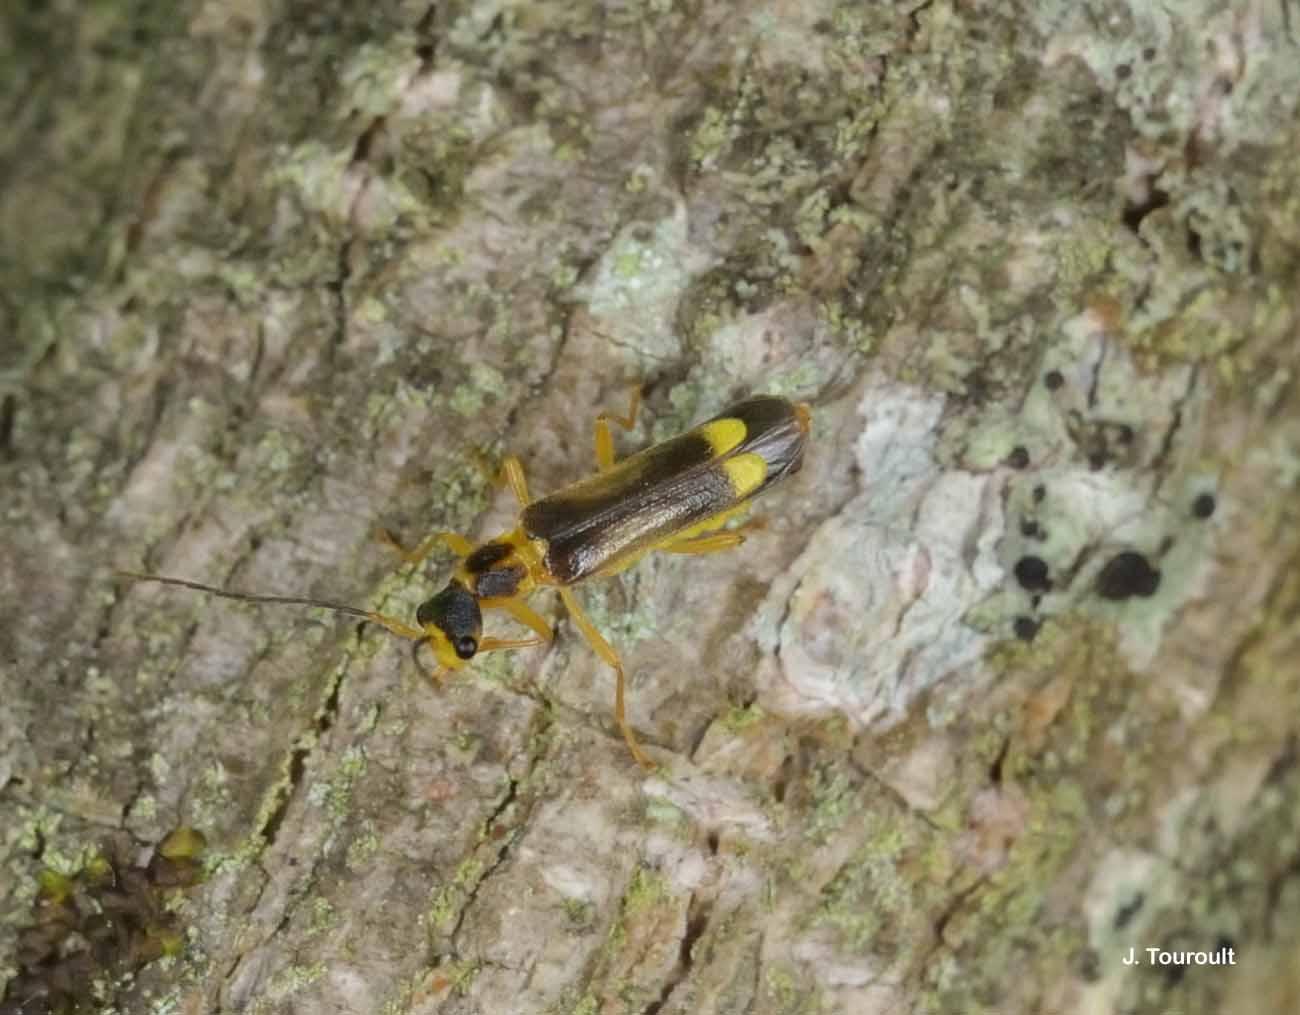 Malthinus flaveolus